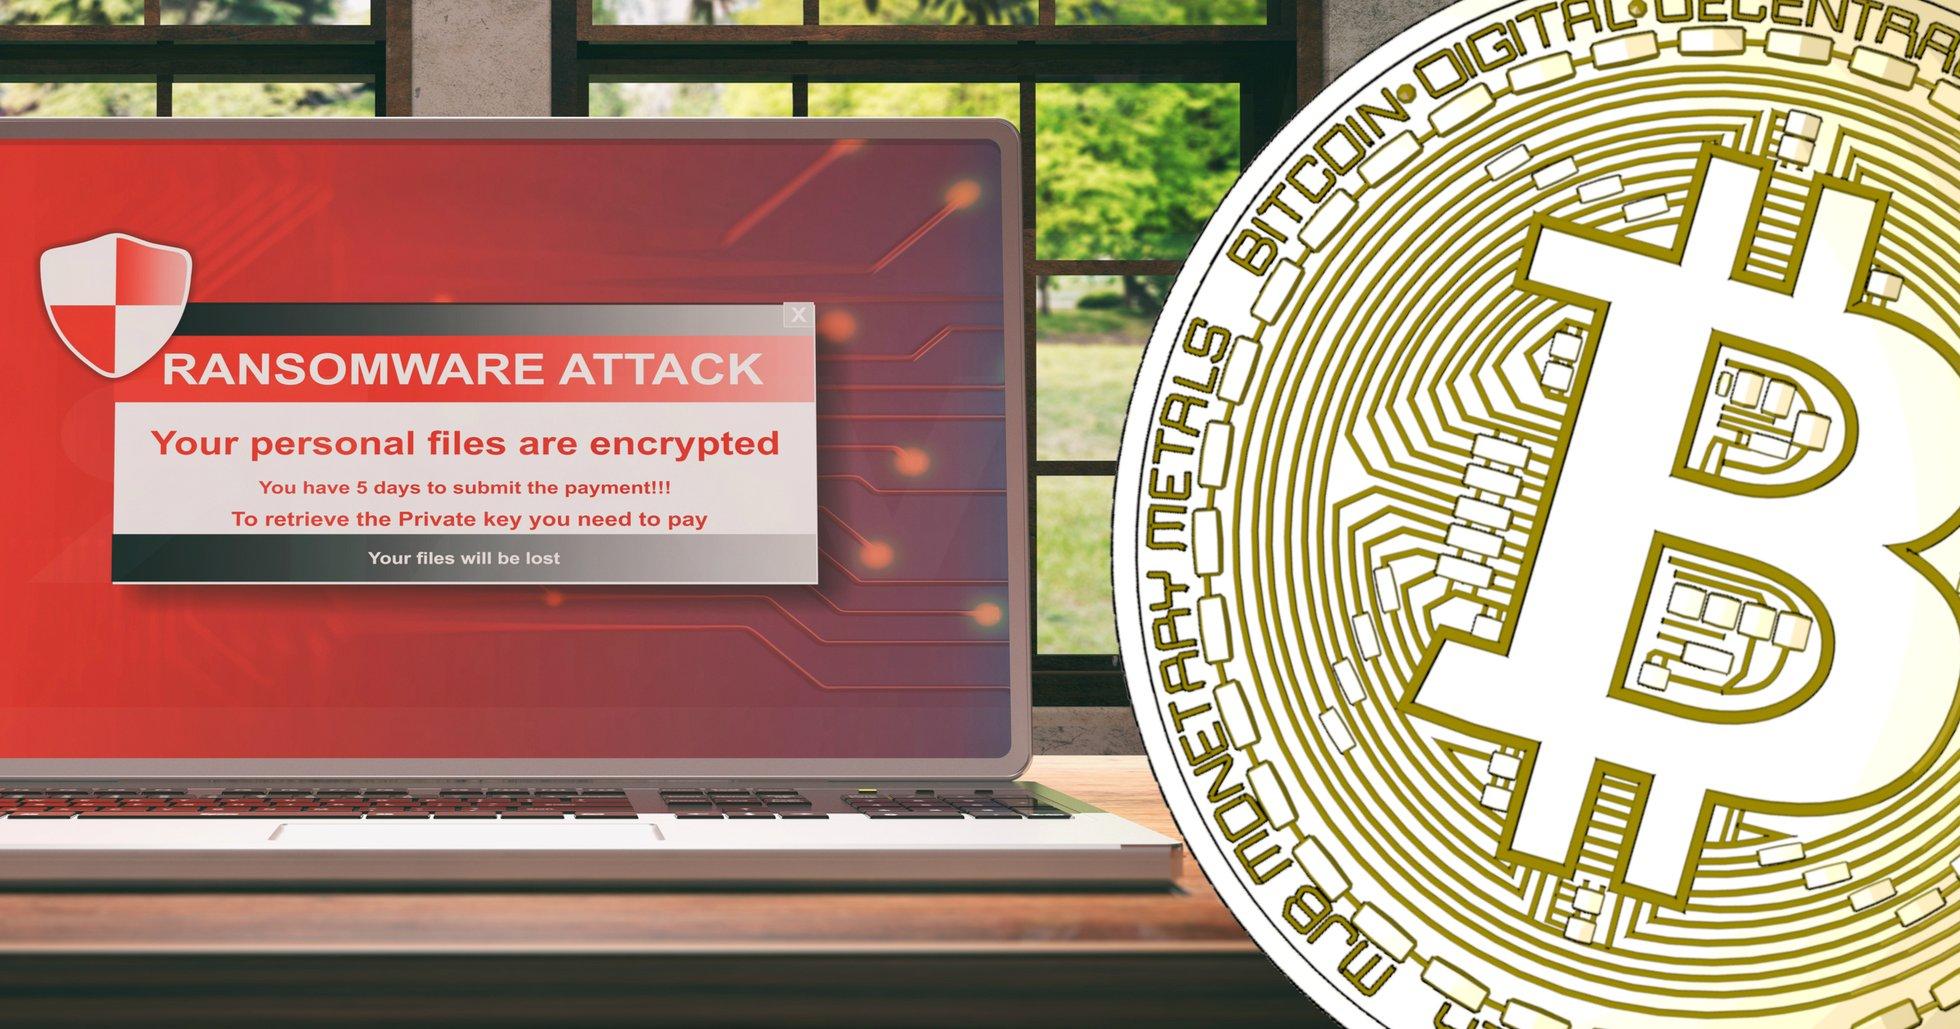 Myndigheterna i Johannesburg vägrar betala lösensumma begärd i bitcoin.